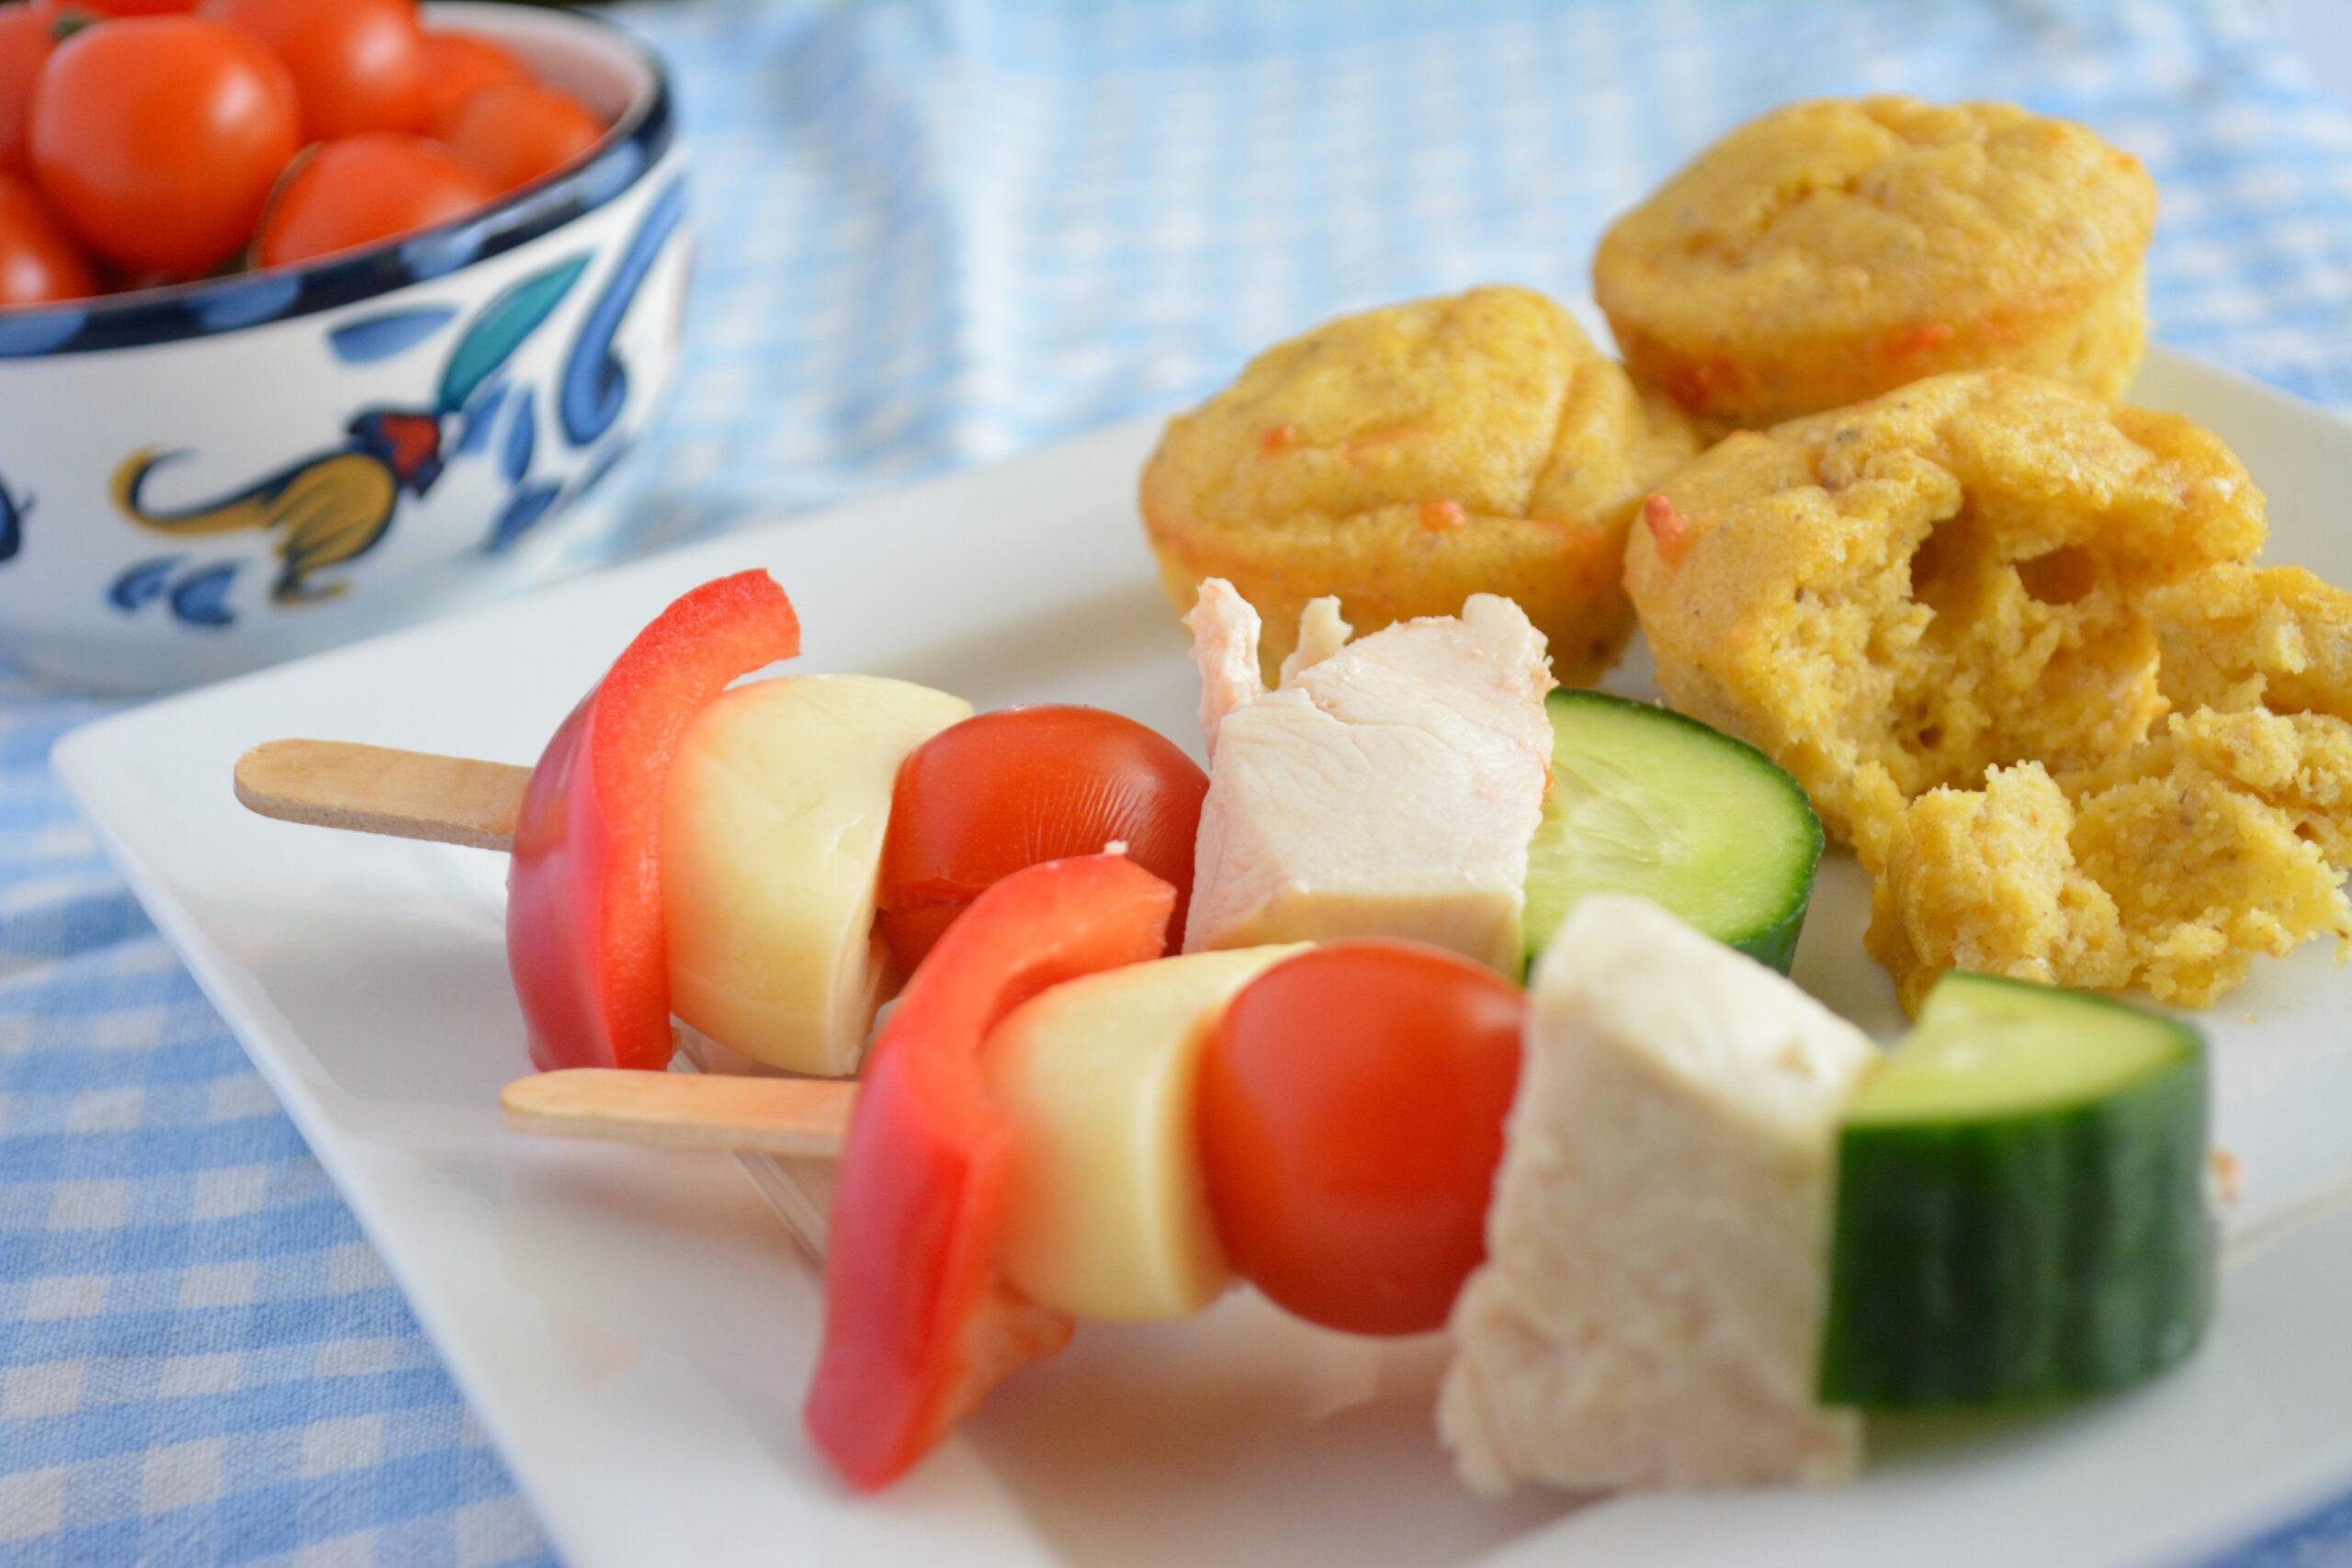 Gluten-free lunch sticks and parmesan polenta bites